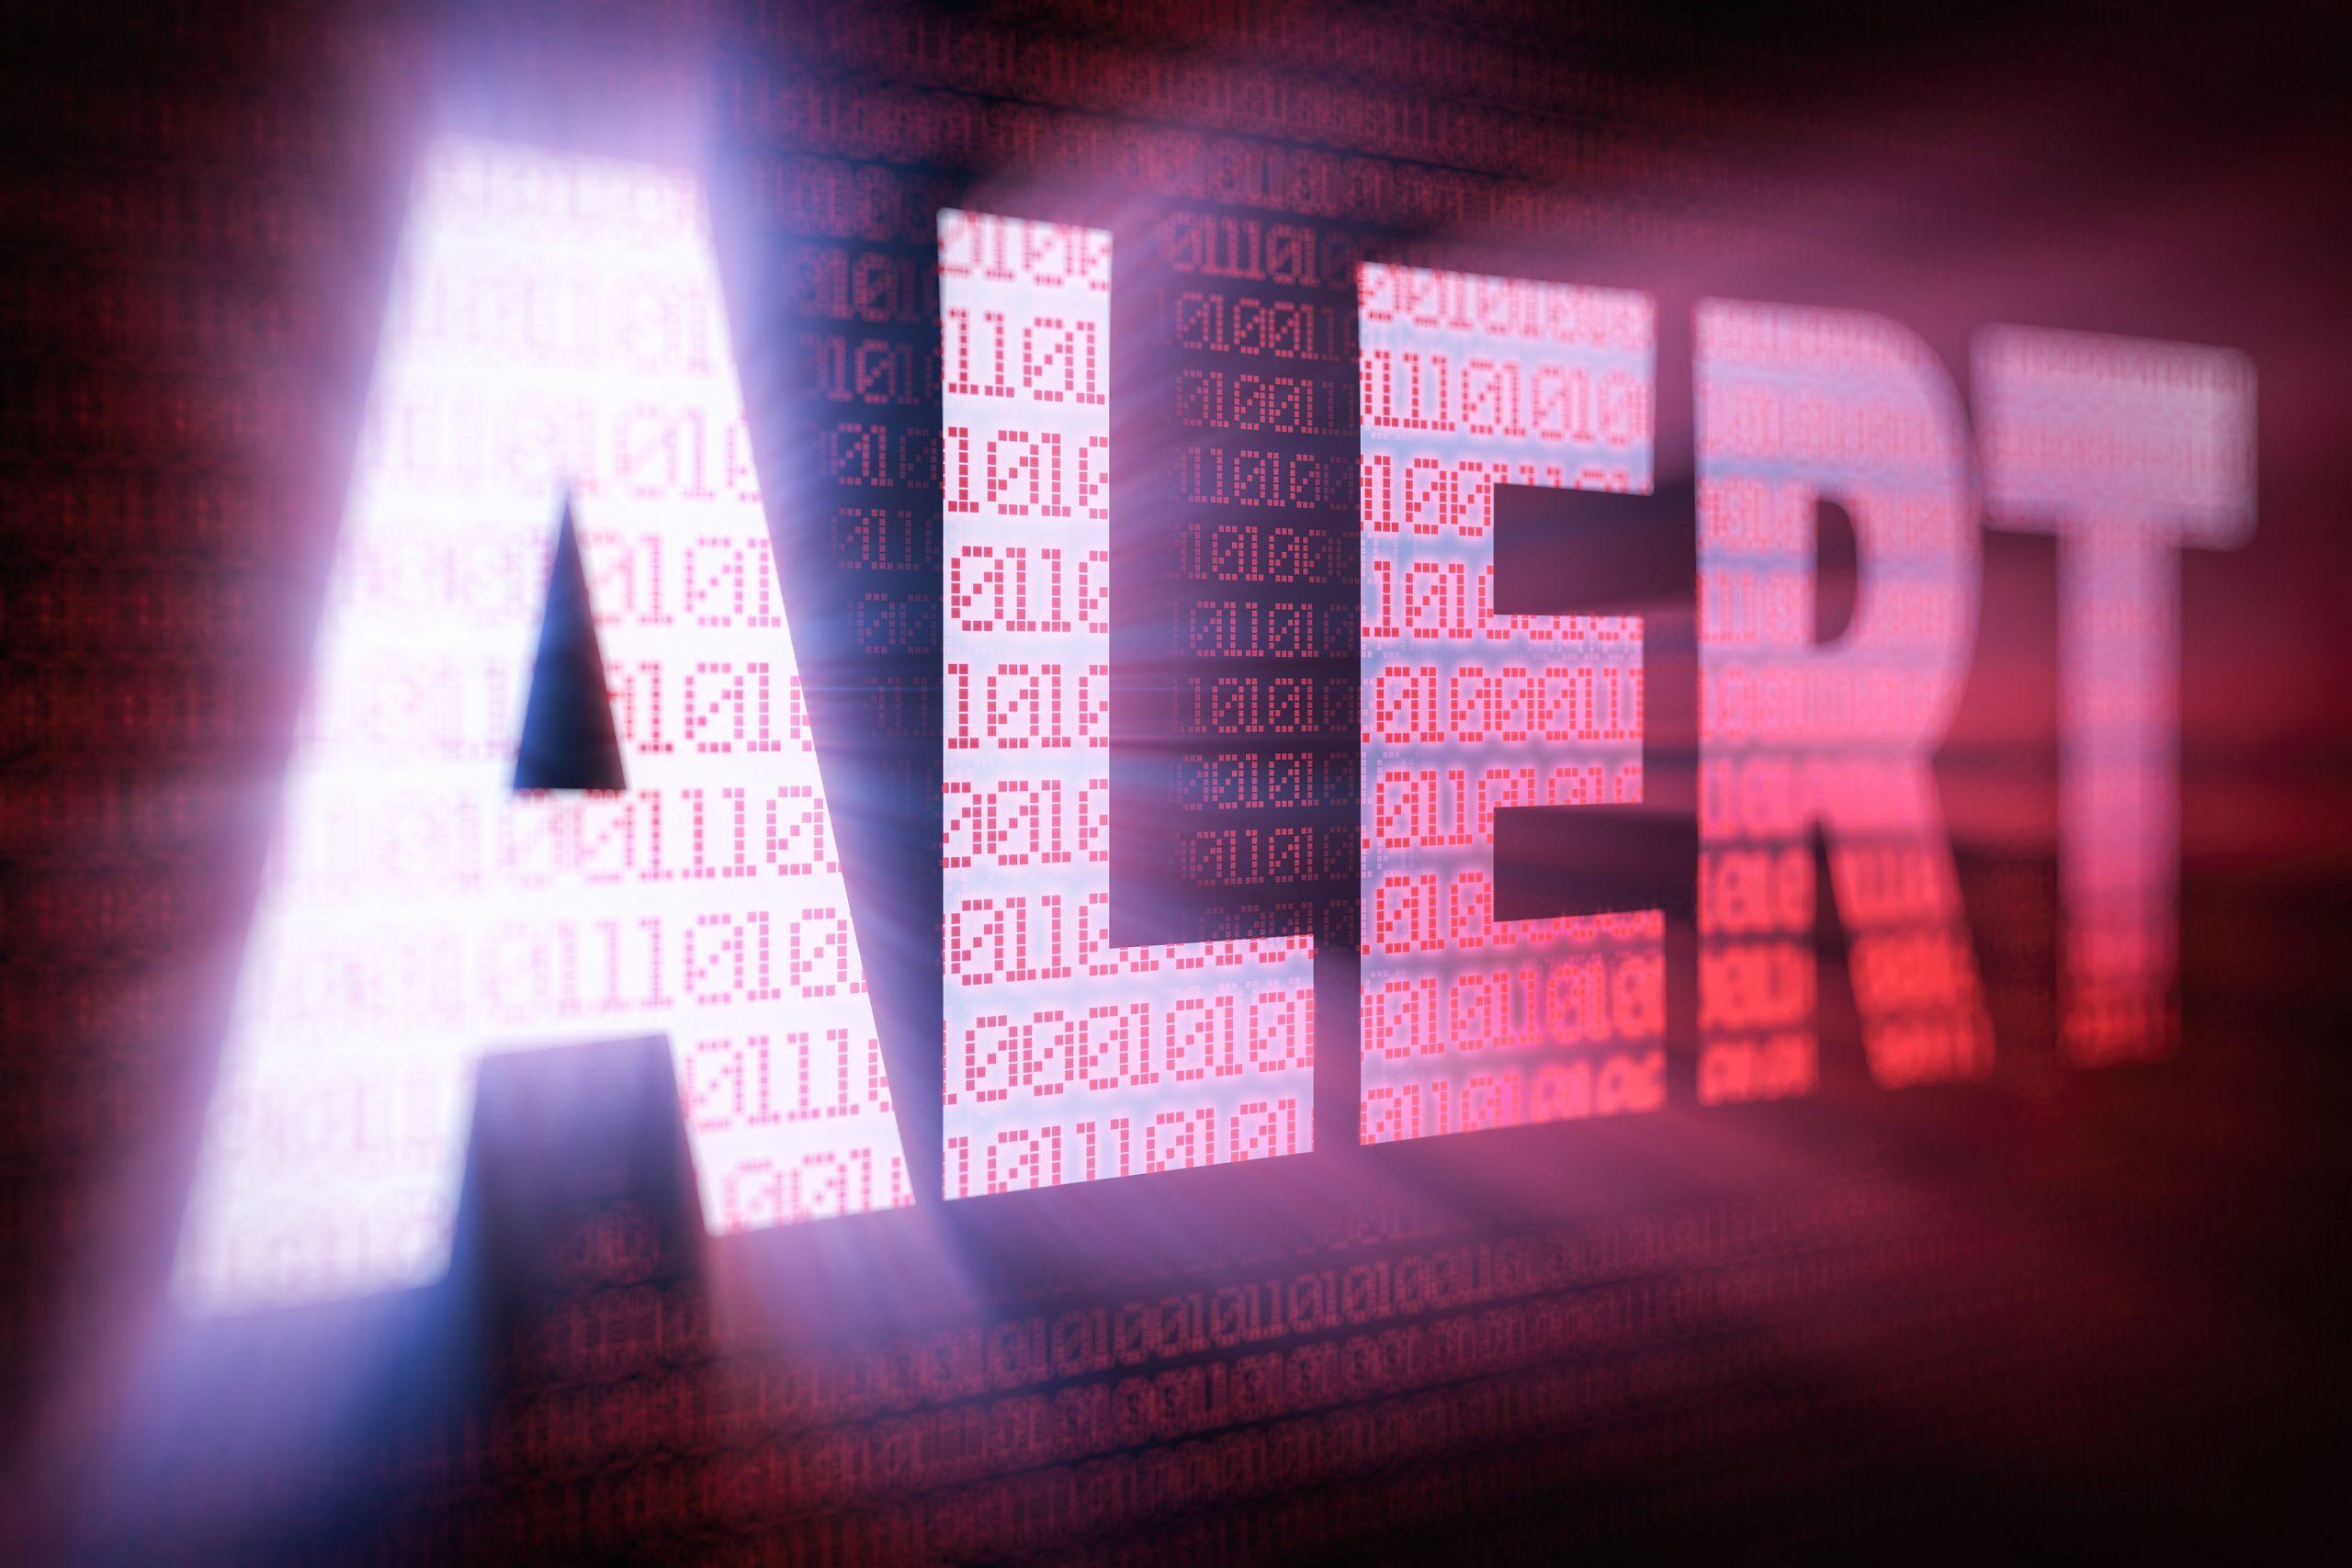 alert banner image